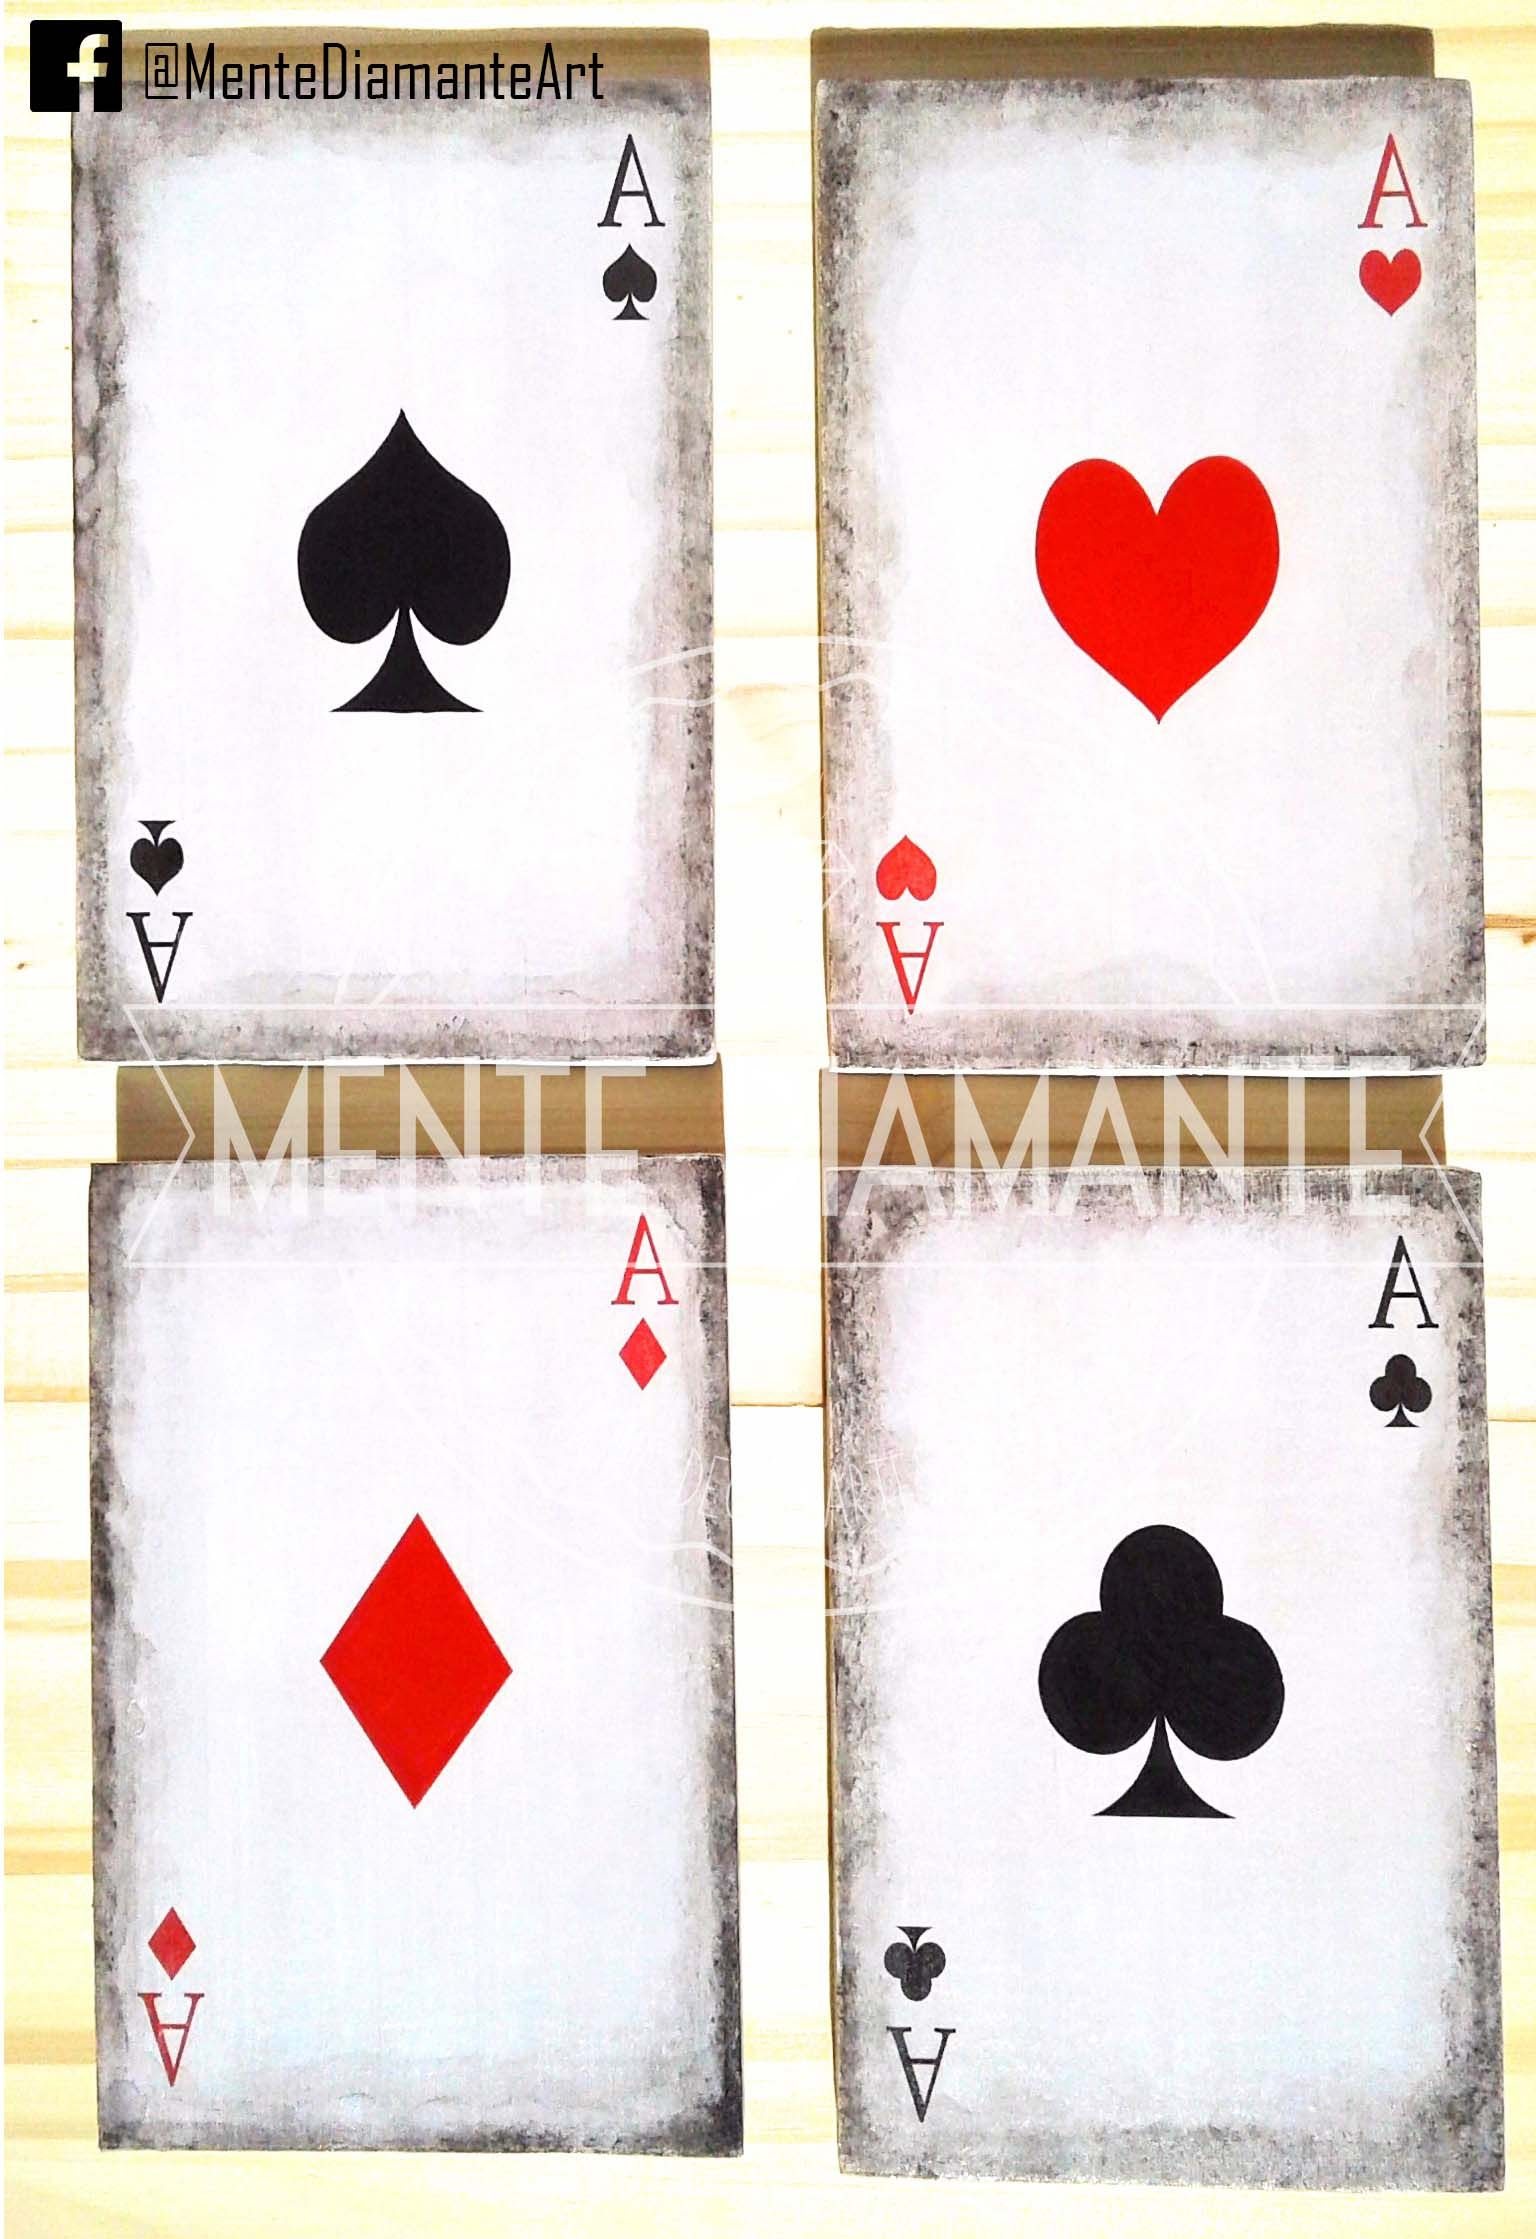 Set Cartas Naipes Poker Ases Madera As Casino Apuestas Deco 680 00 Tatuajes Cartas De Poker Tatuajes De Poker Cartas Naipes